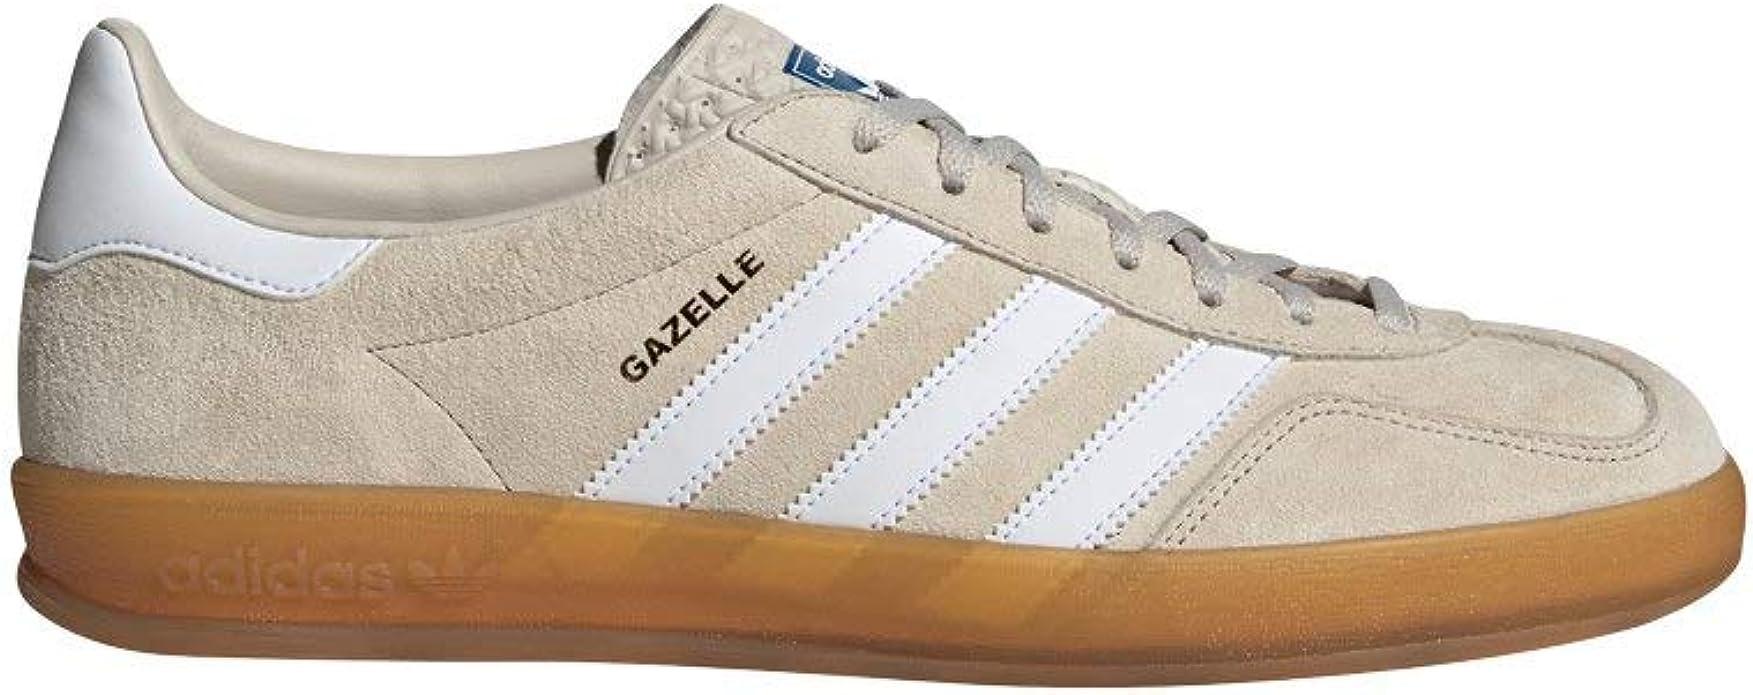 adidas Ef5755, Zapatillas Deportivas Hombre: Amazon.es ...